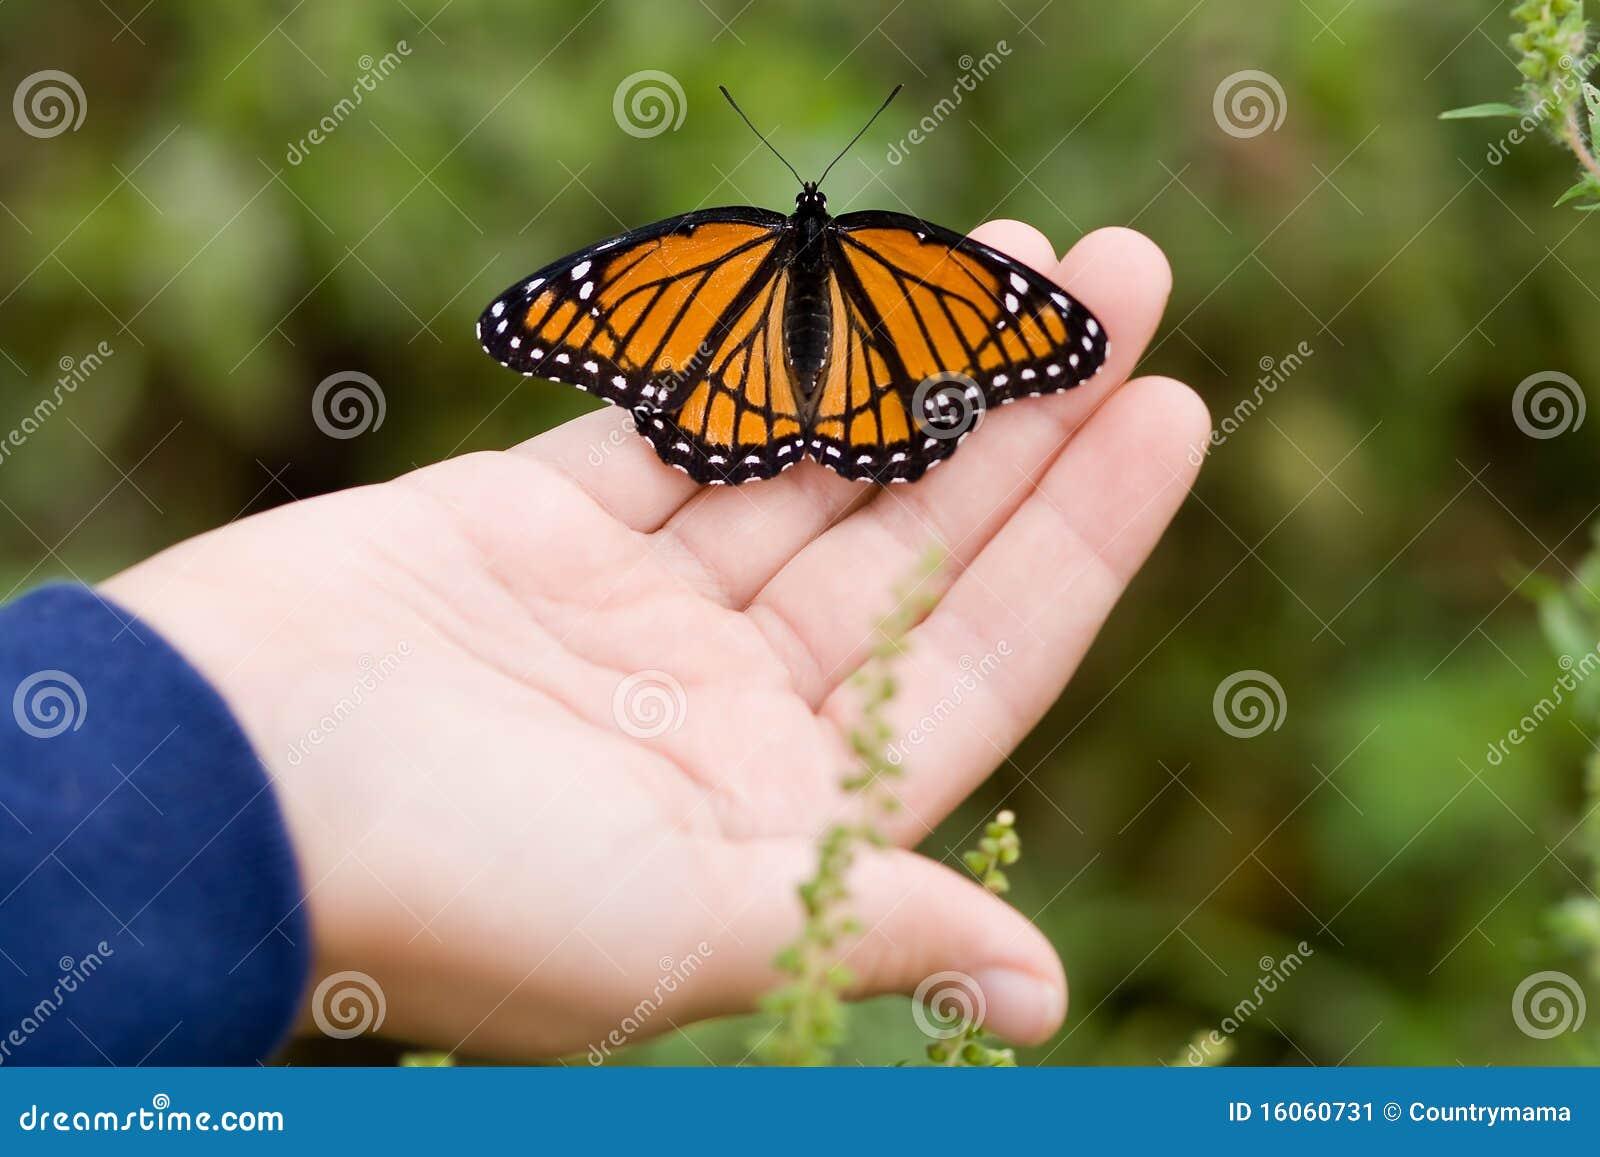 Vlinder op een hand.